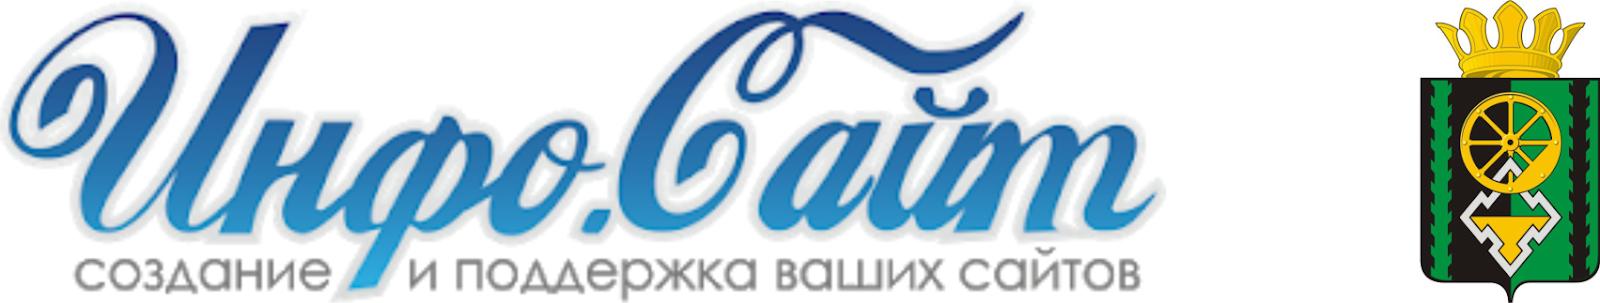 Яя 🌍 Новости : Информационный агрегатор Инфо-Сайт